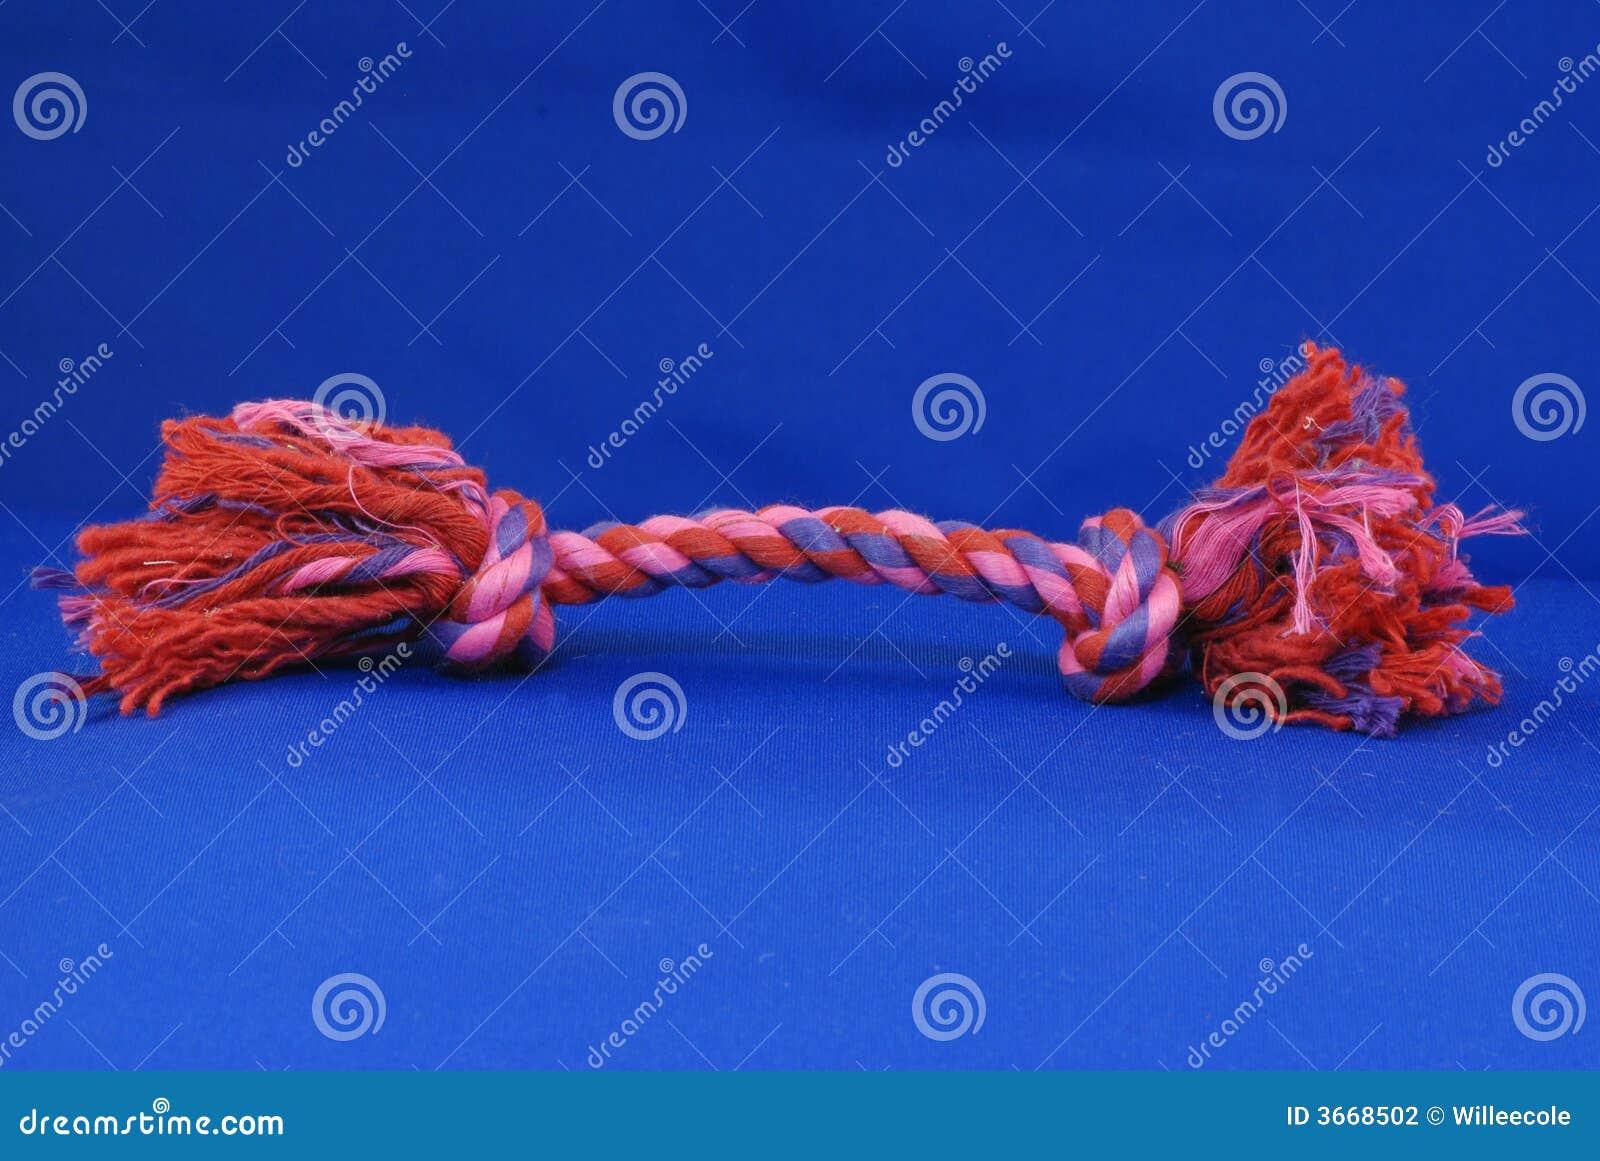 Giocattolo della corda della tirata del cane